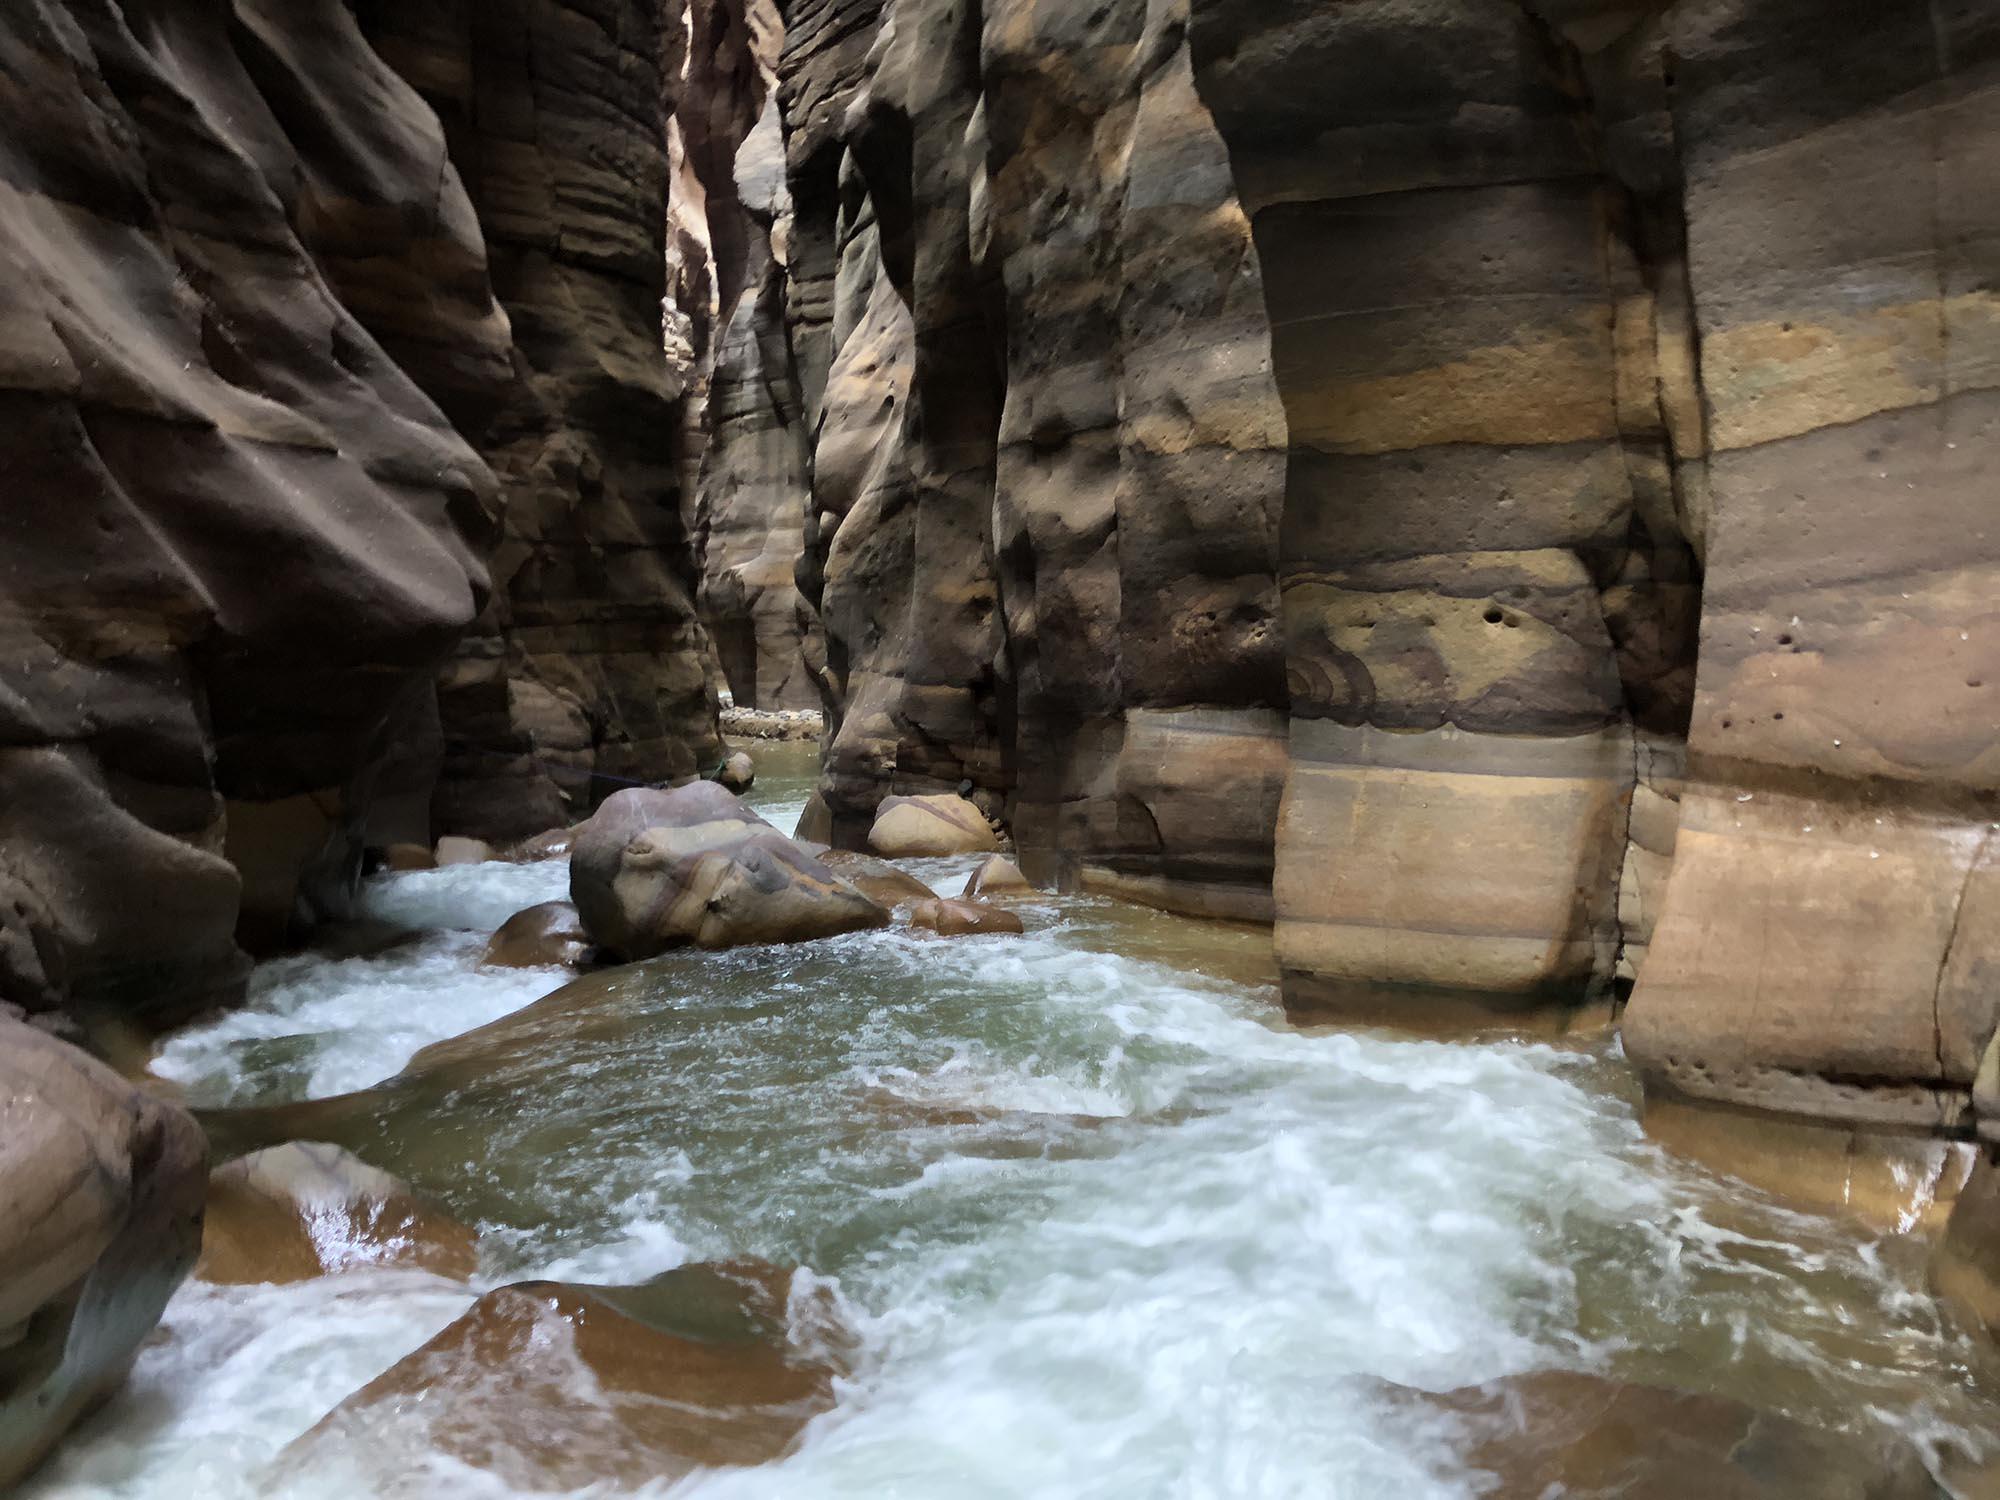 Jordanië Wadi Mujib Siq Trail